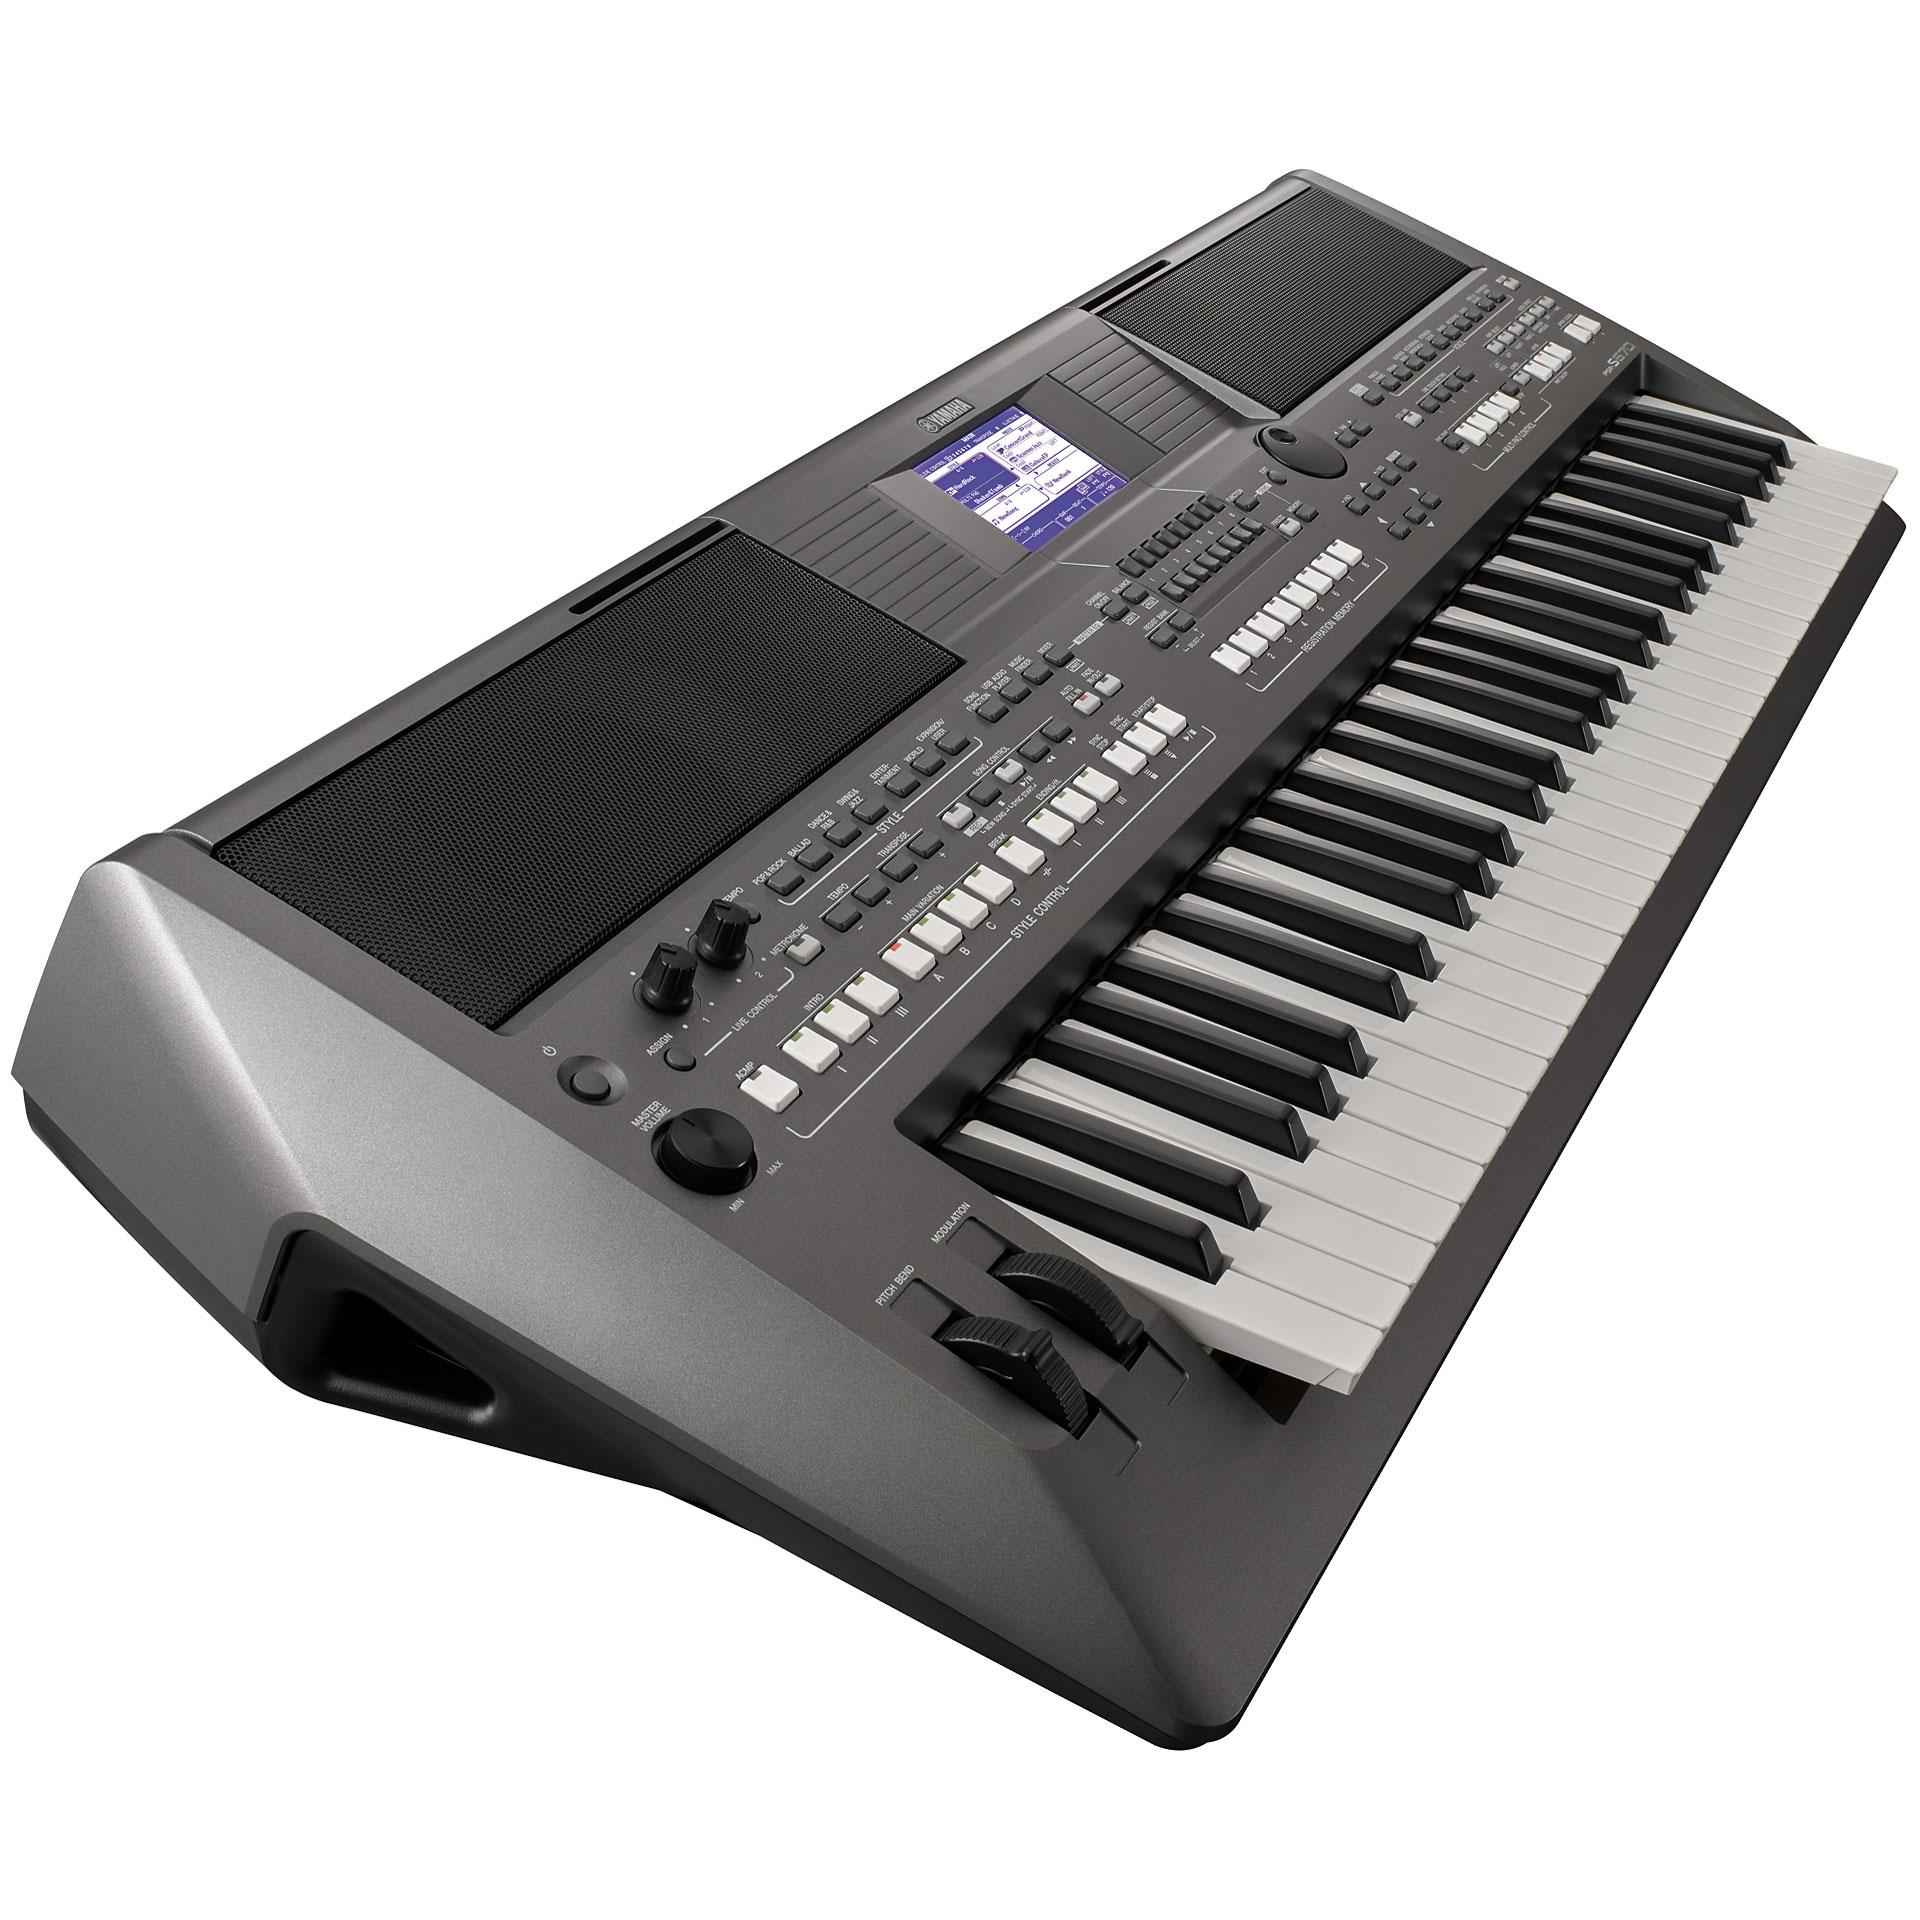 0215b7acf32 Keyboard Yamaha PSR-S670 Keyboard Yamaha PSR-S670 (2) ...